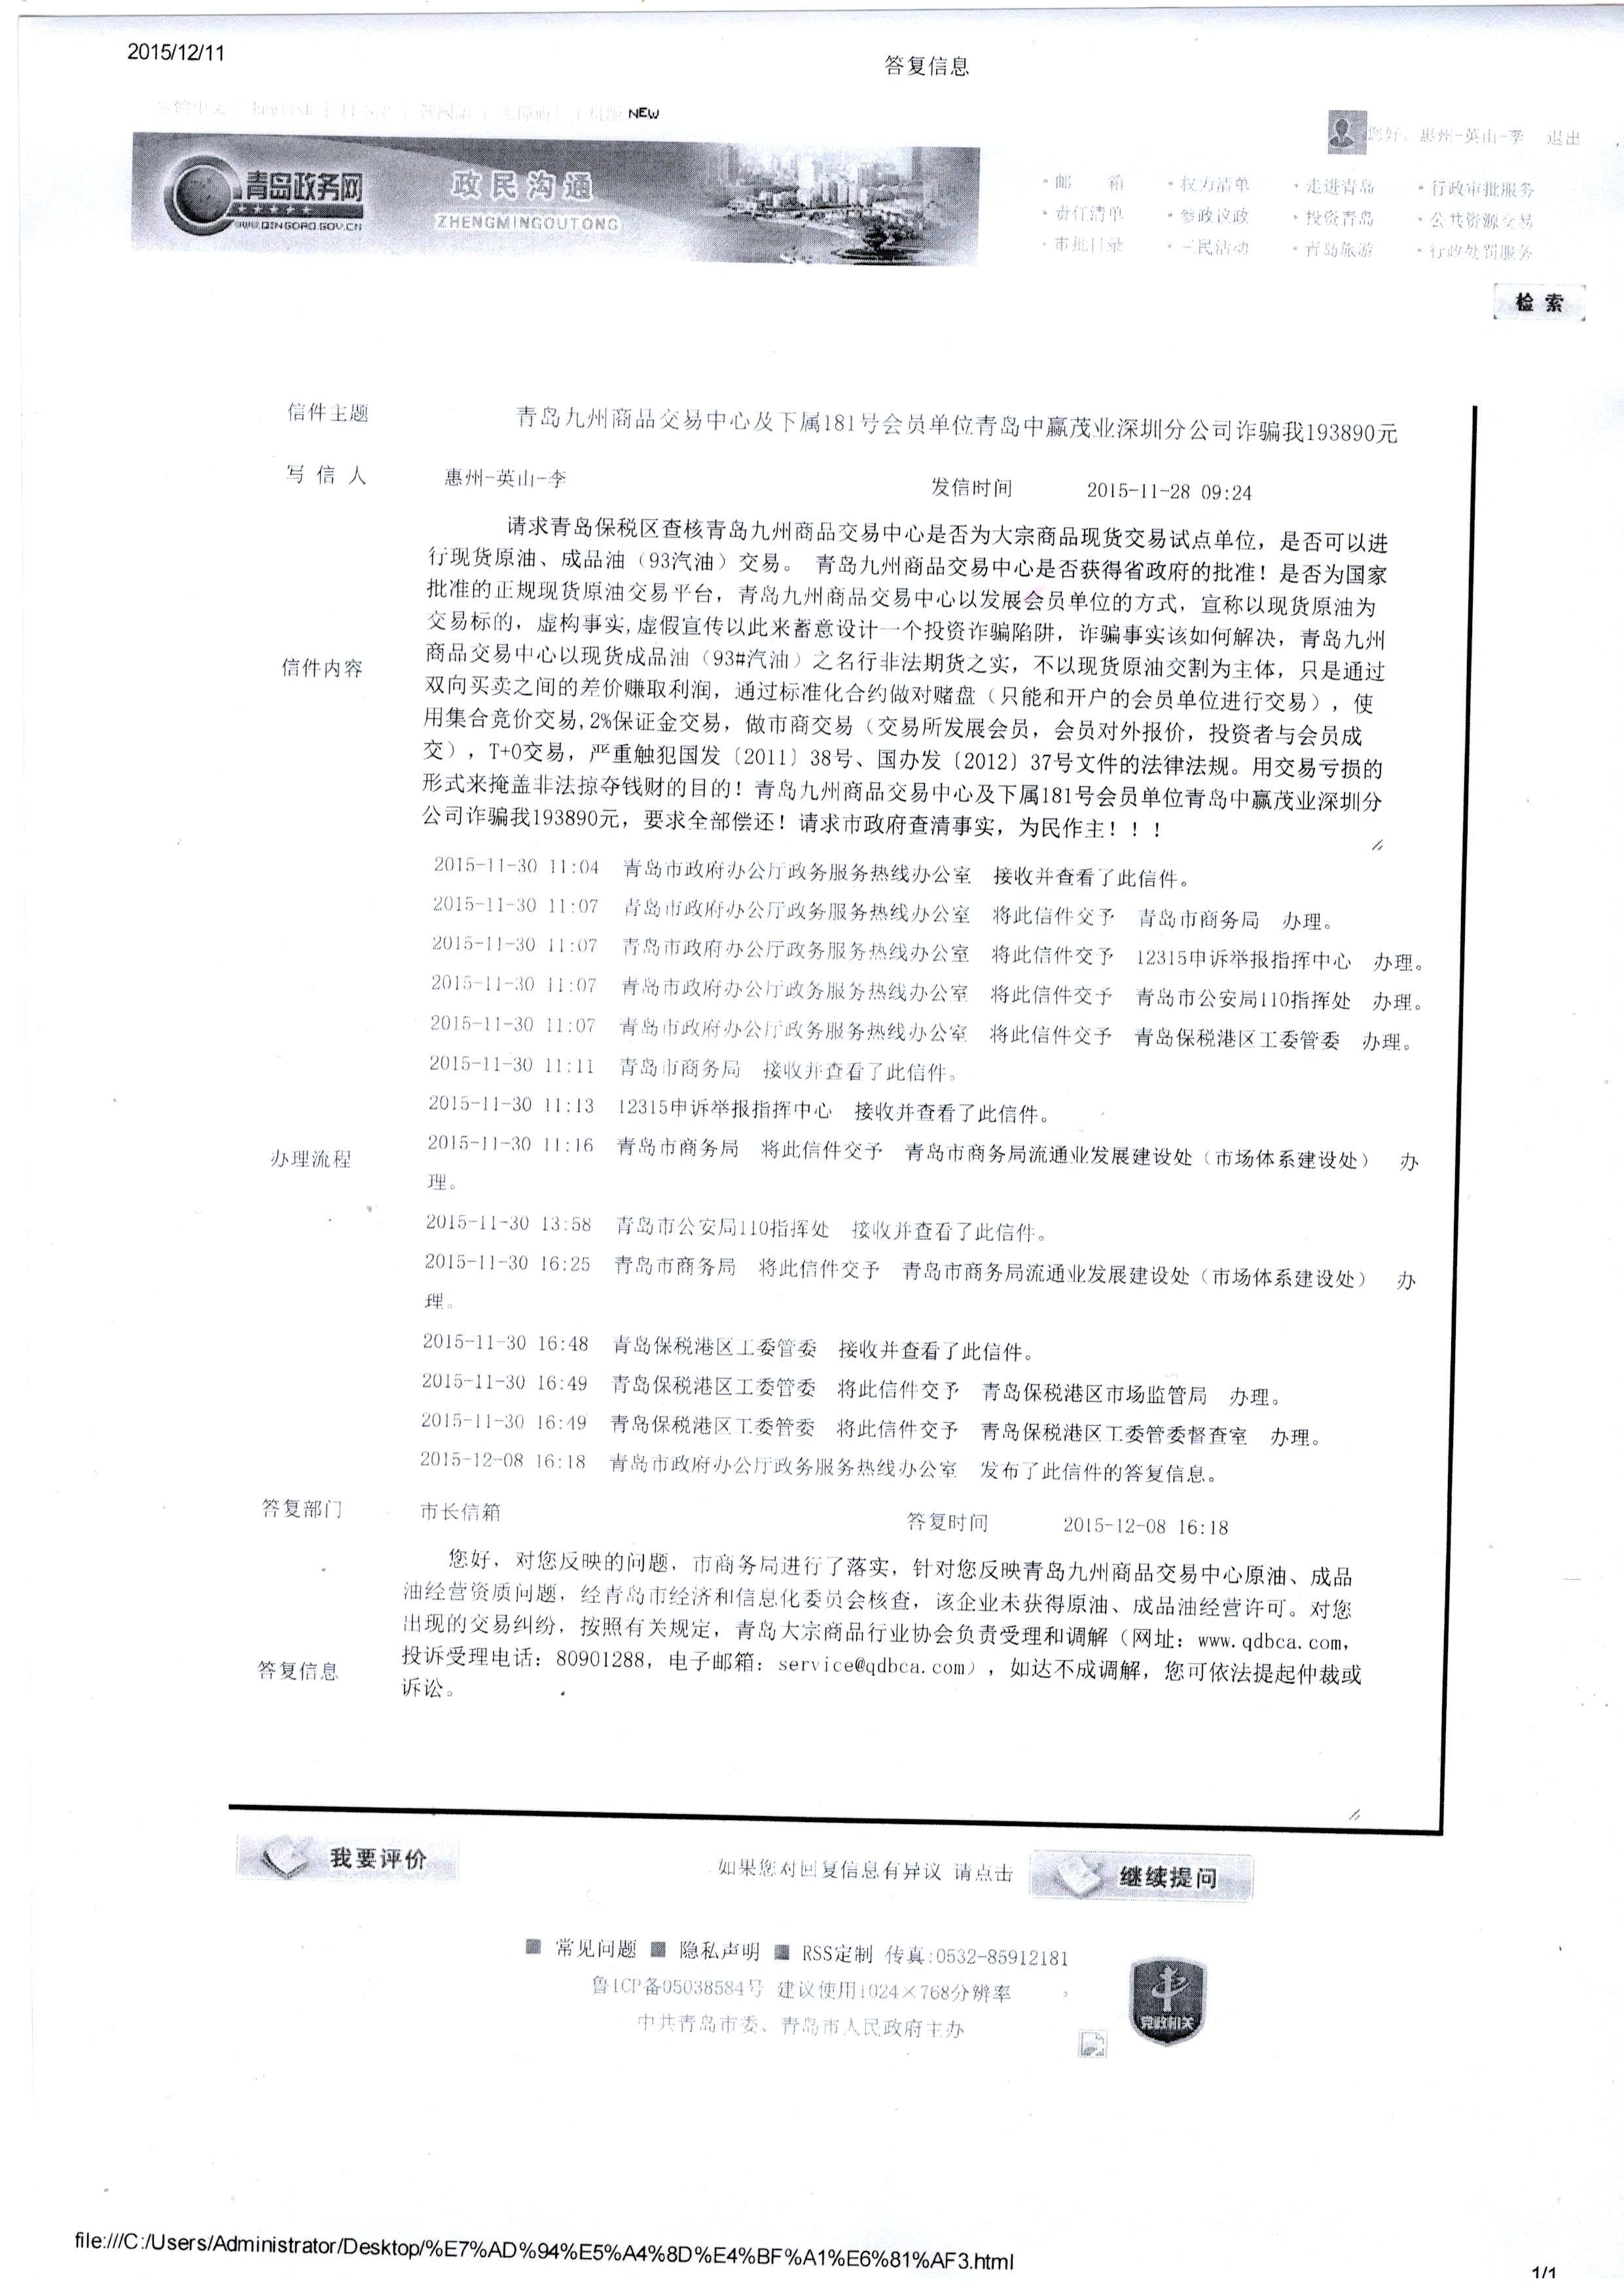 青岛市市长信箱信息回复.jpg